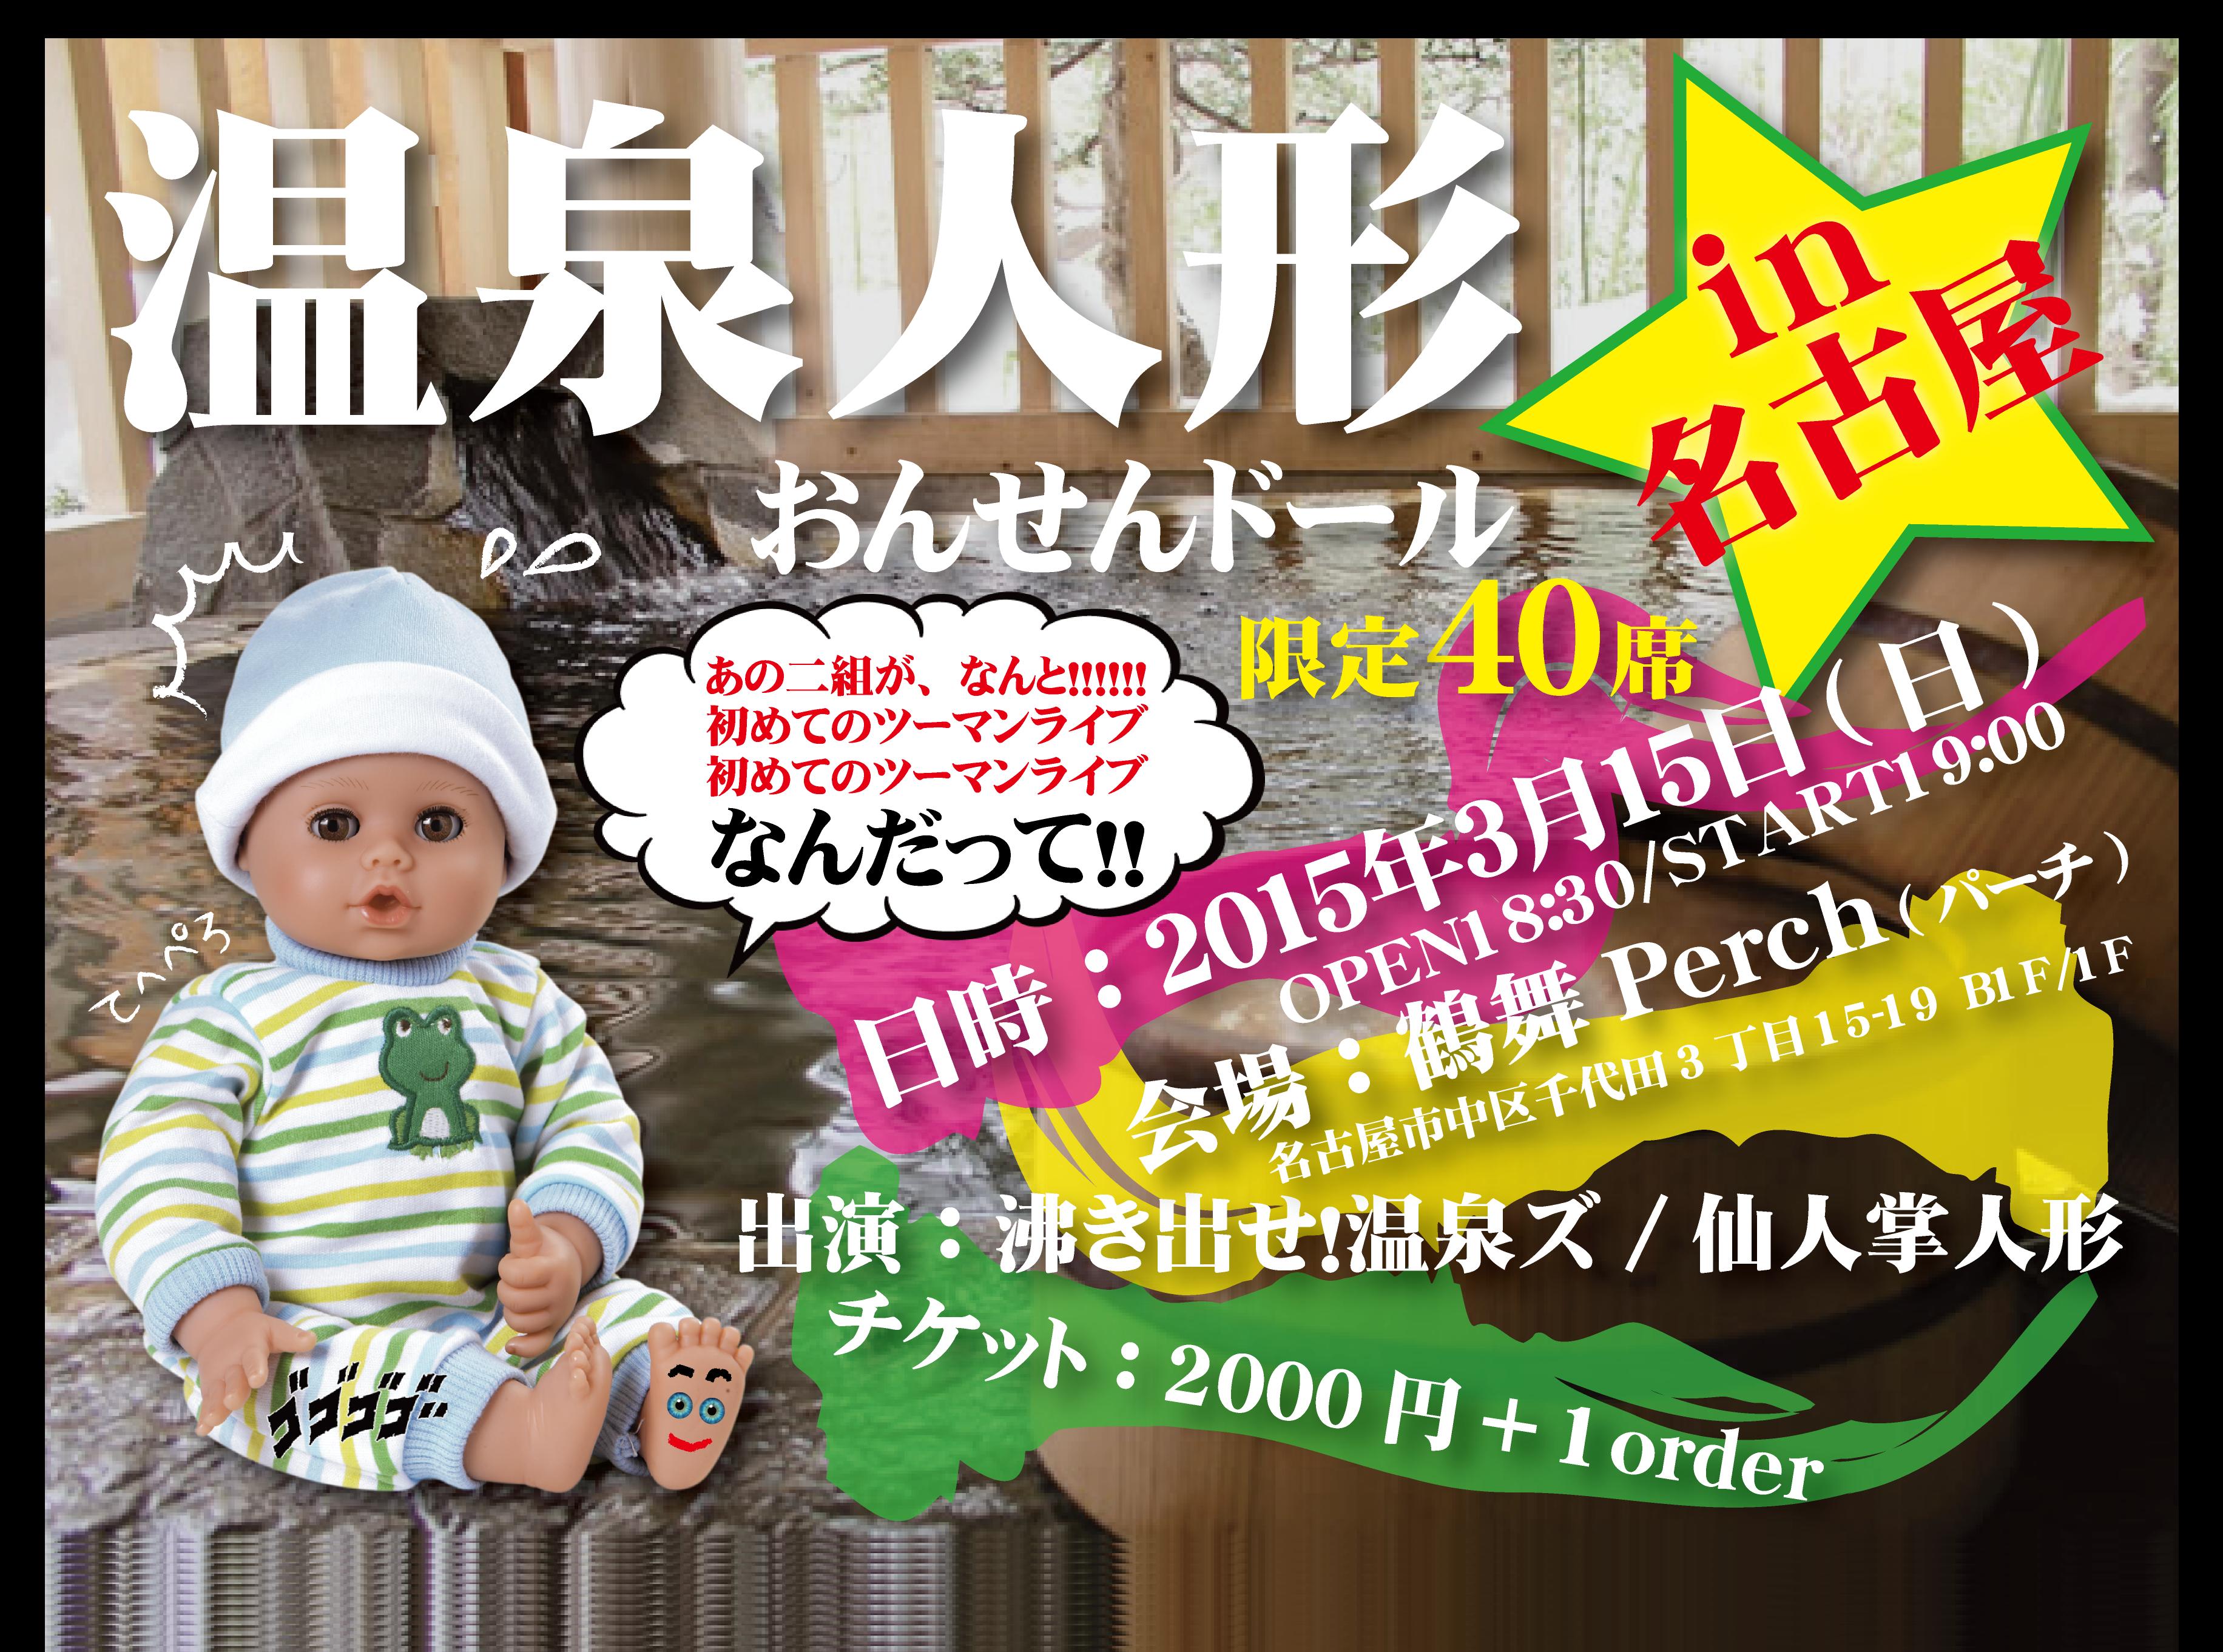 2015.03.15『温泉人形(おんせんドール)』@鶴舞Perch(愛知)クリッピング